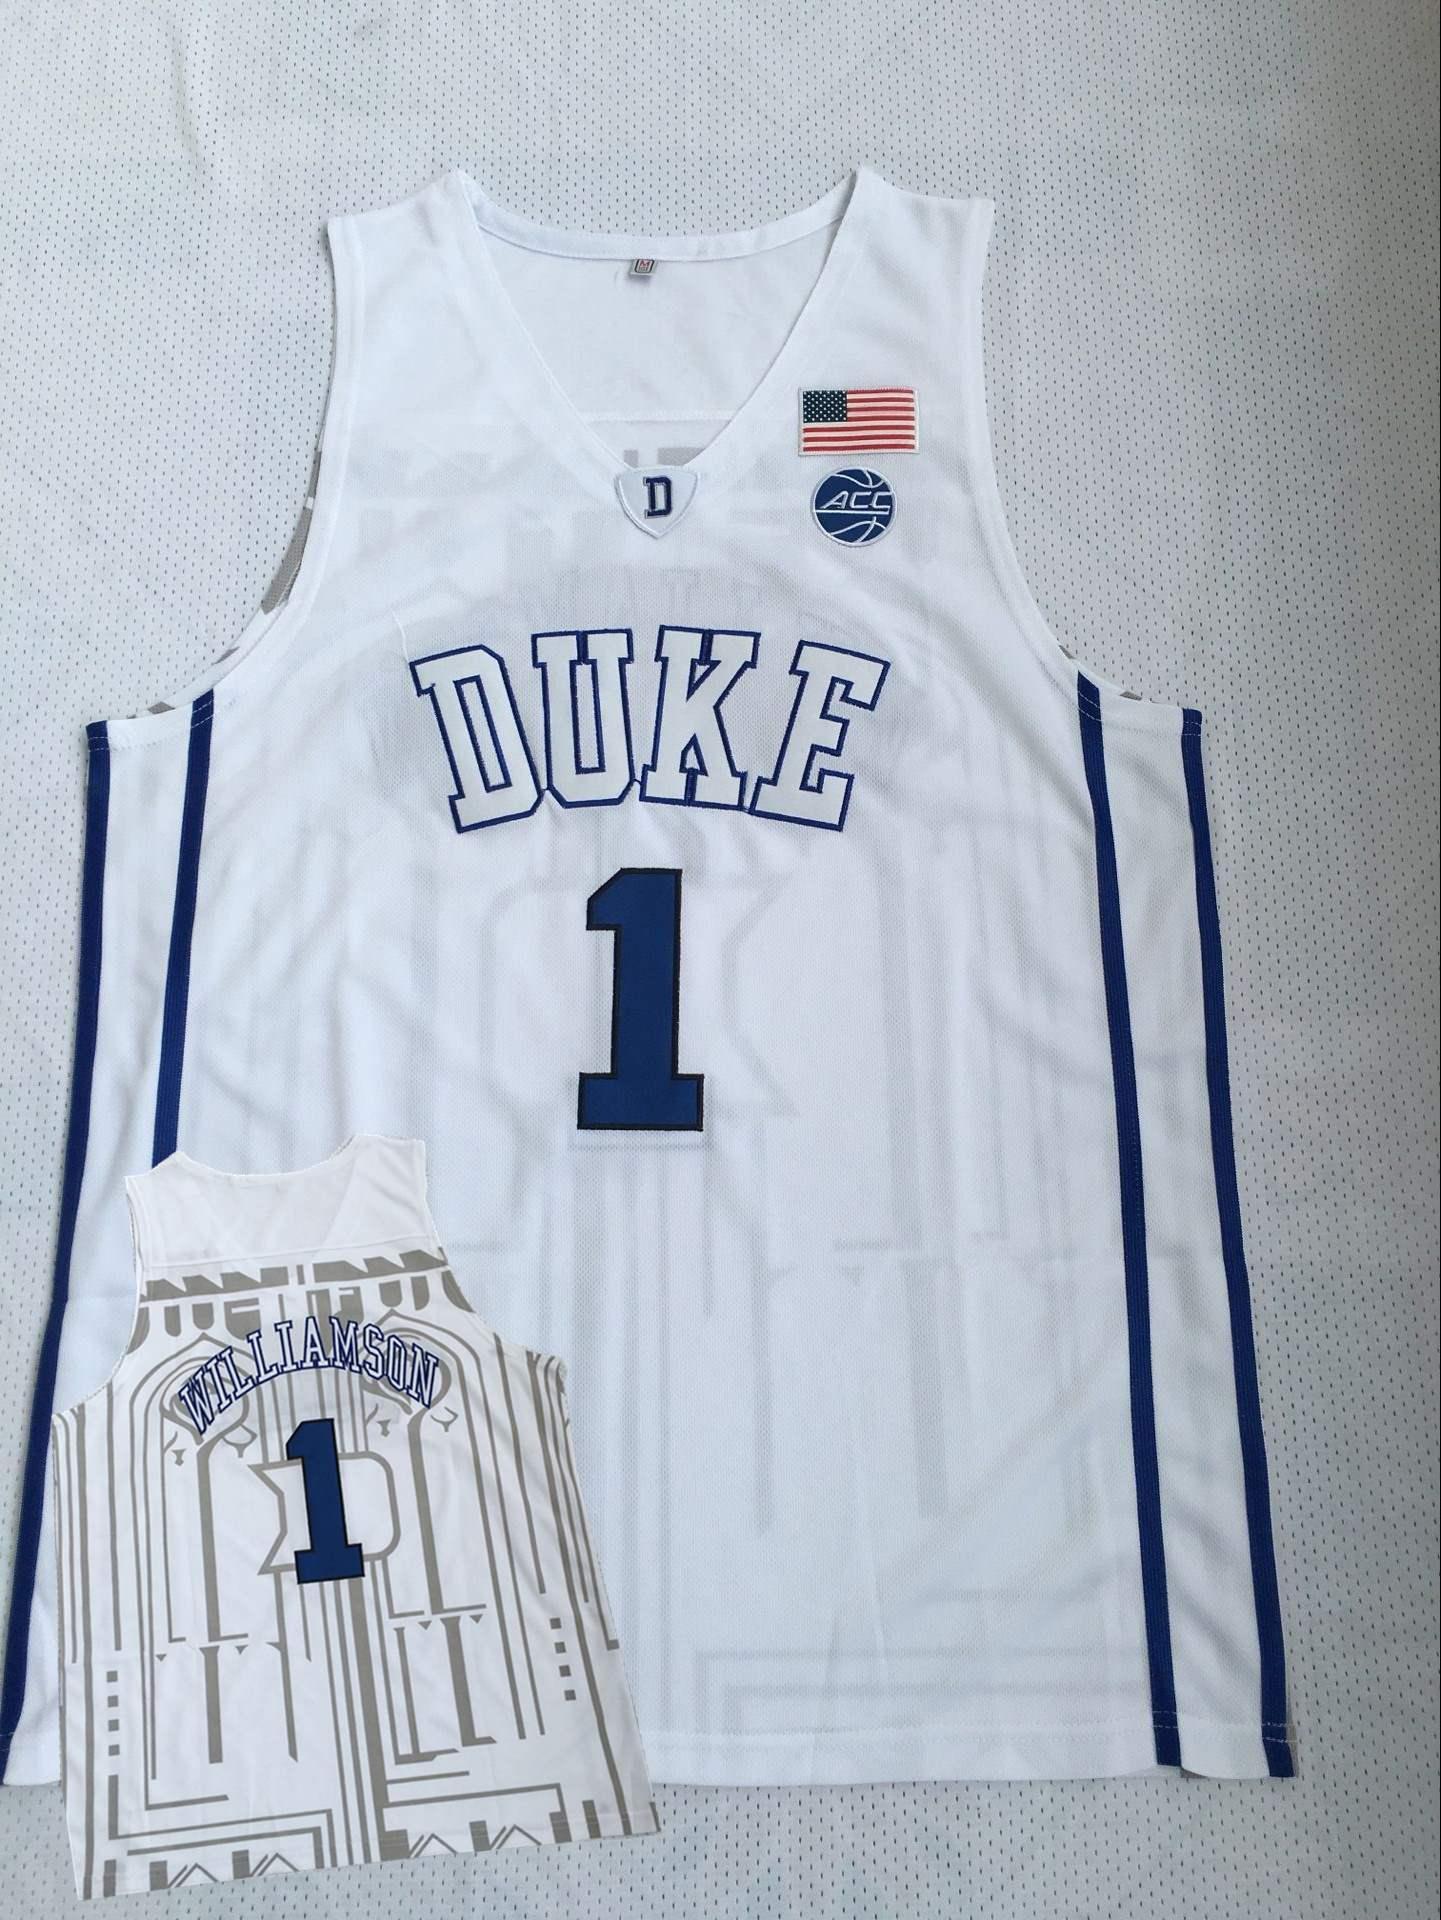 Duke Blue Devils 1 Zion Williamson White College Basketball Jersey